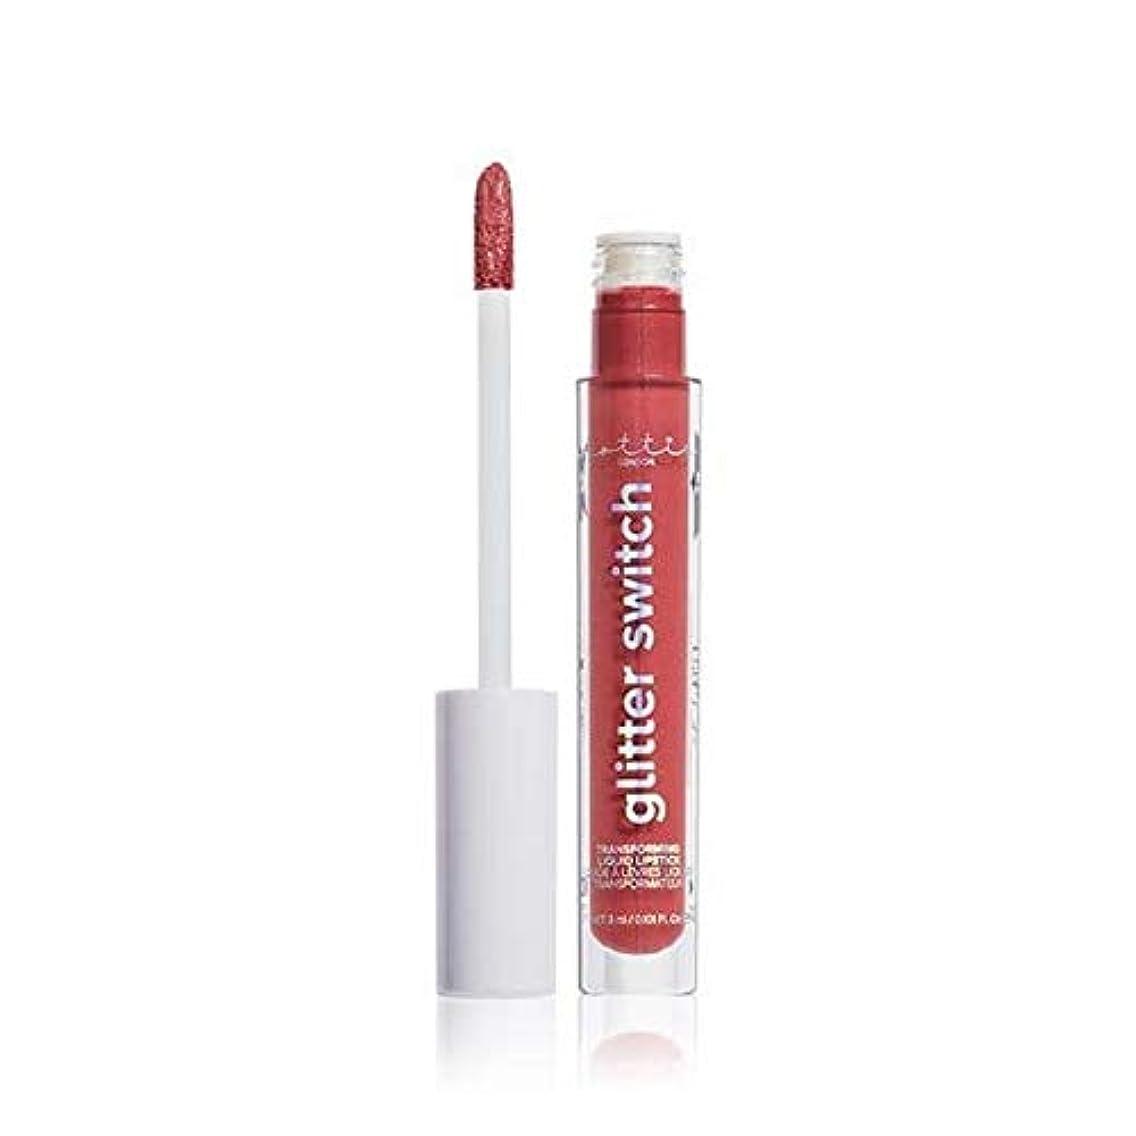 評価南安定した[Lottie London] Lottieロンドングリッタースイッチは、口紅ハイローラーを変換します - Lottie London Glitter Switch Transform Lipstick High Roller...